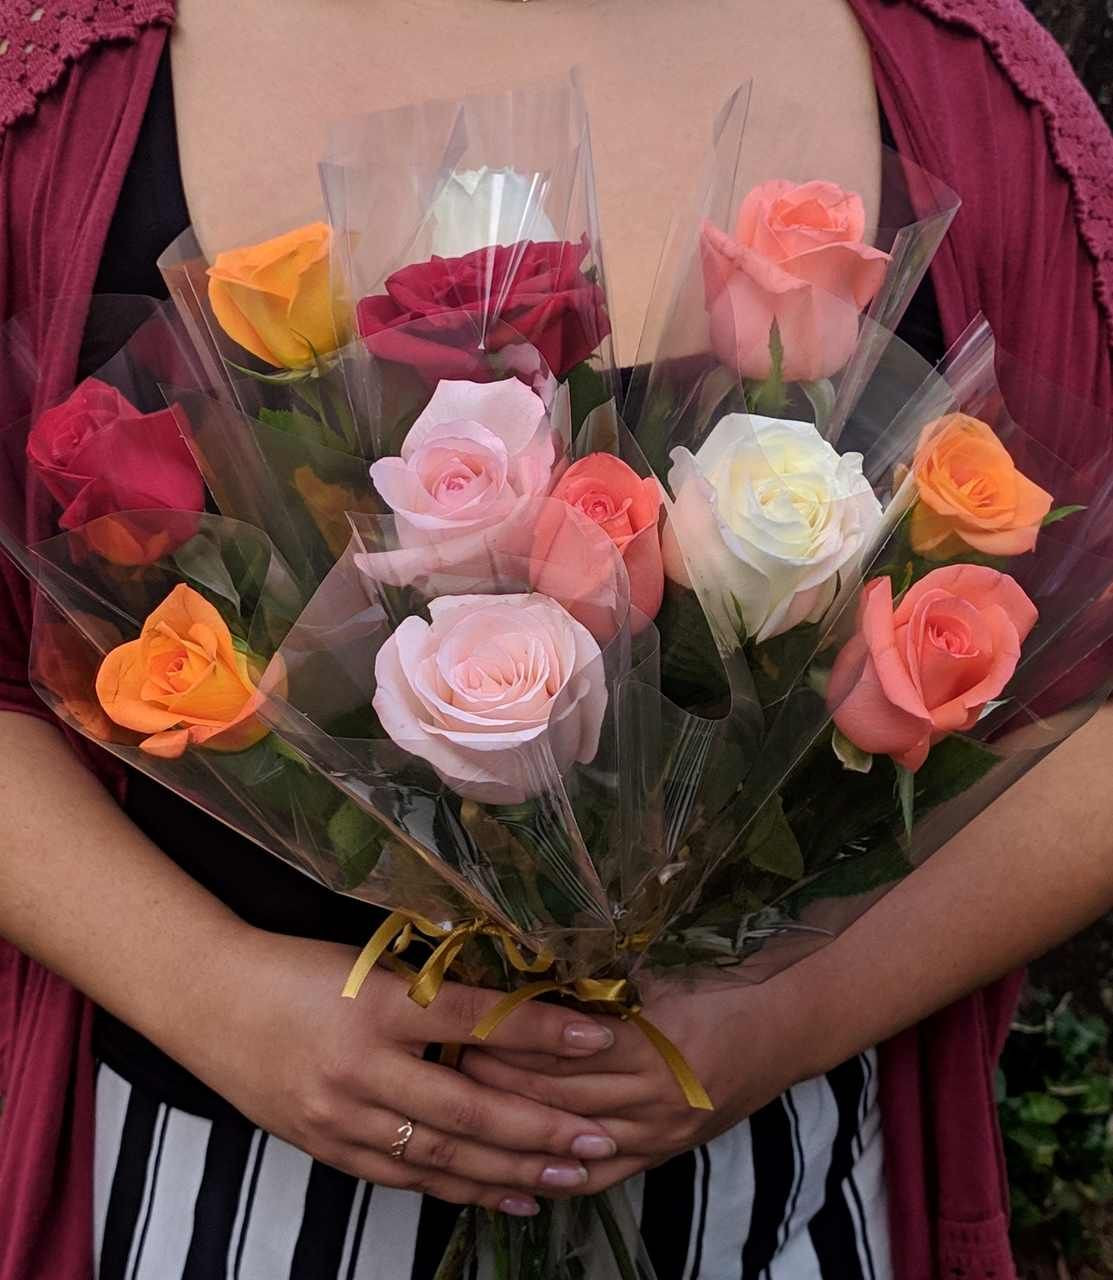 Combo 12 Rosas unidades - Dia das mulheres